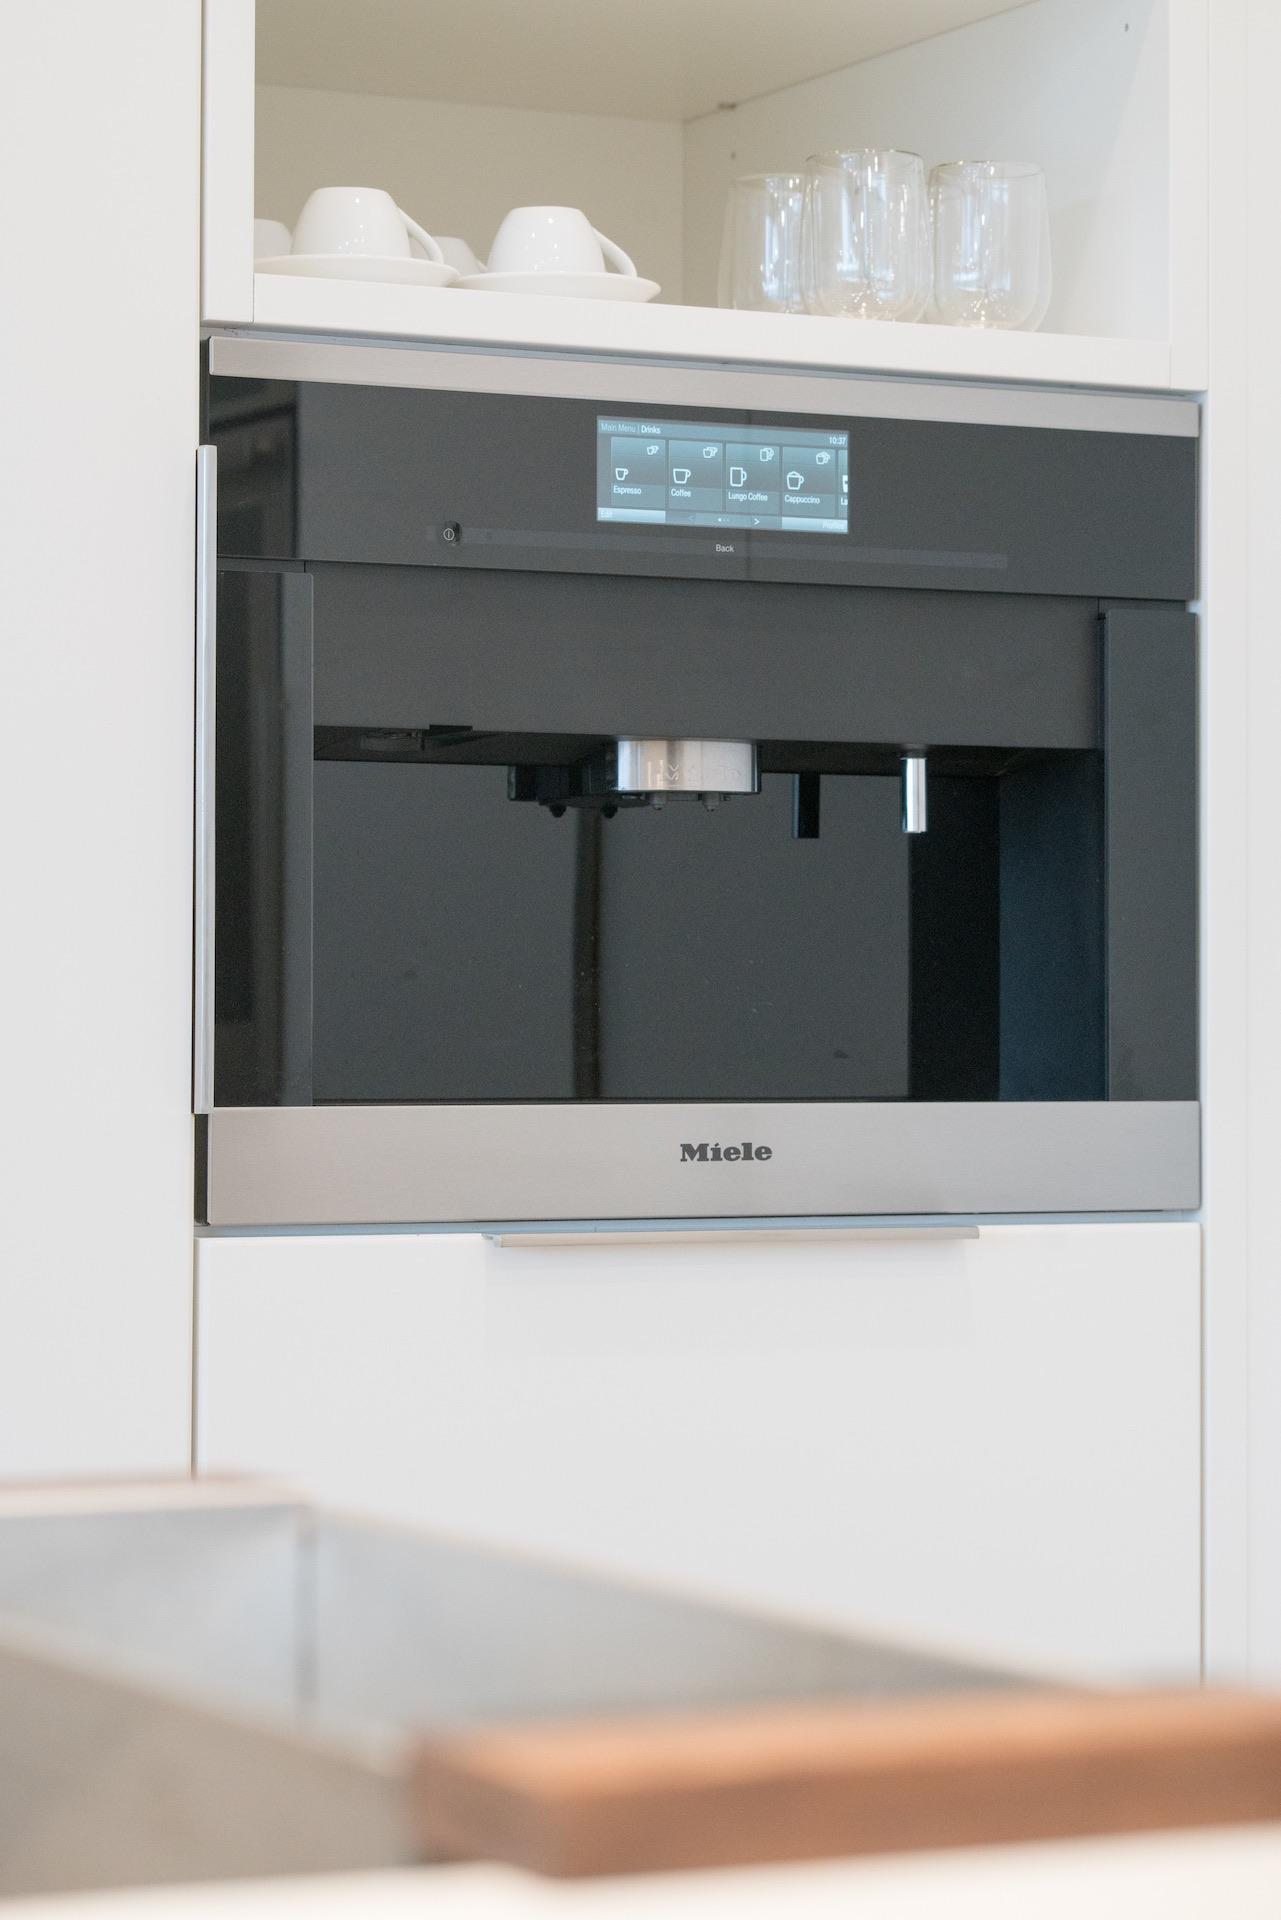 Espresso machine in kitchen